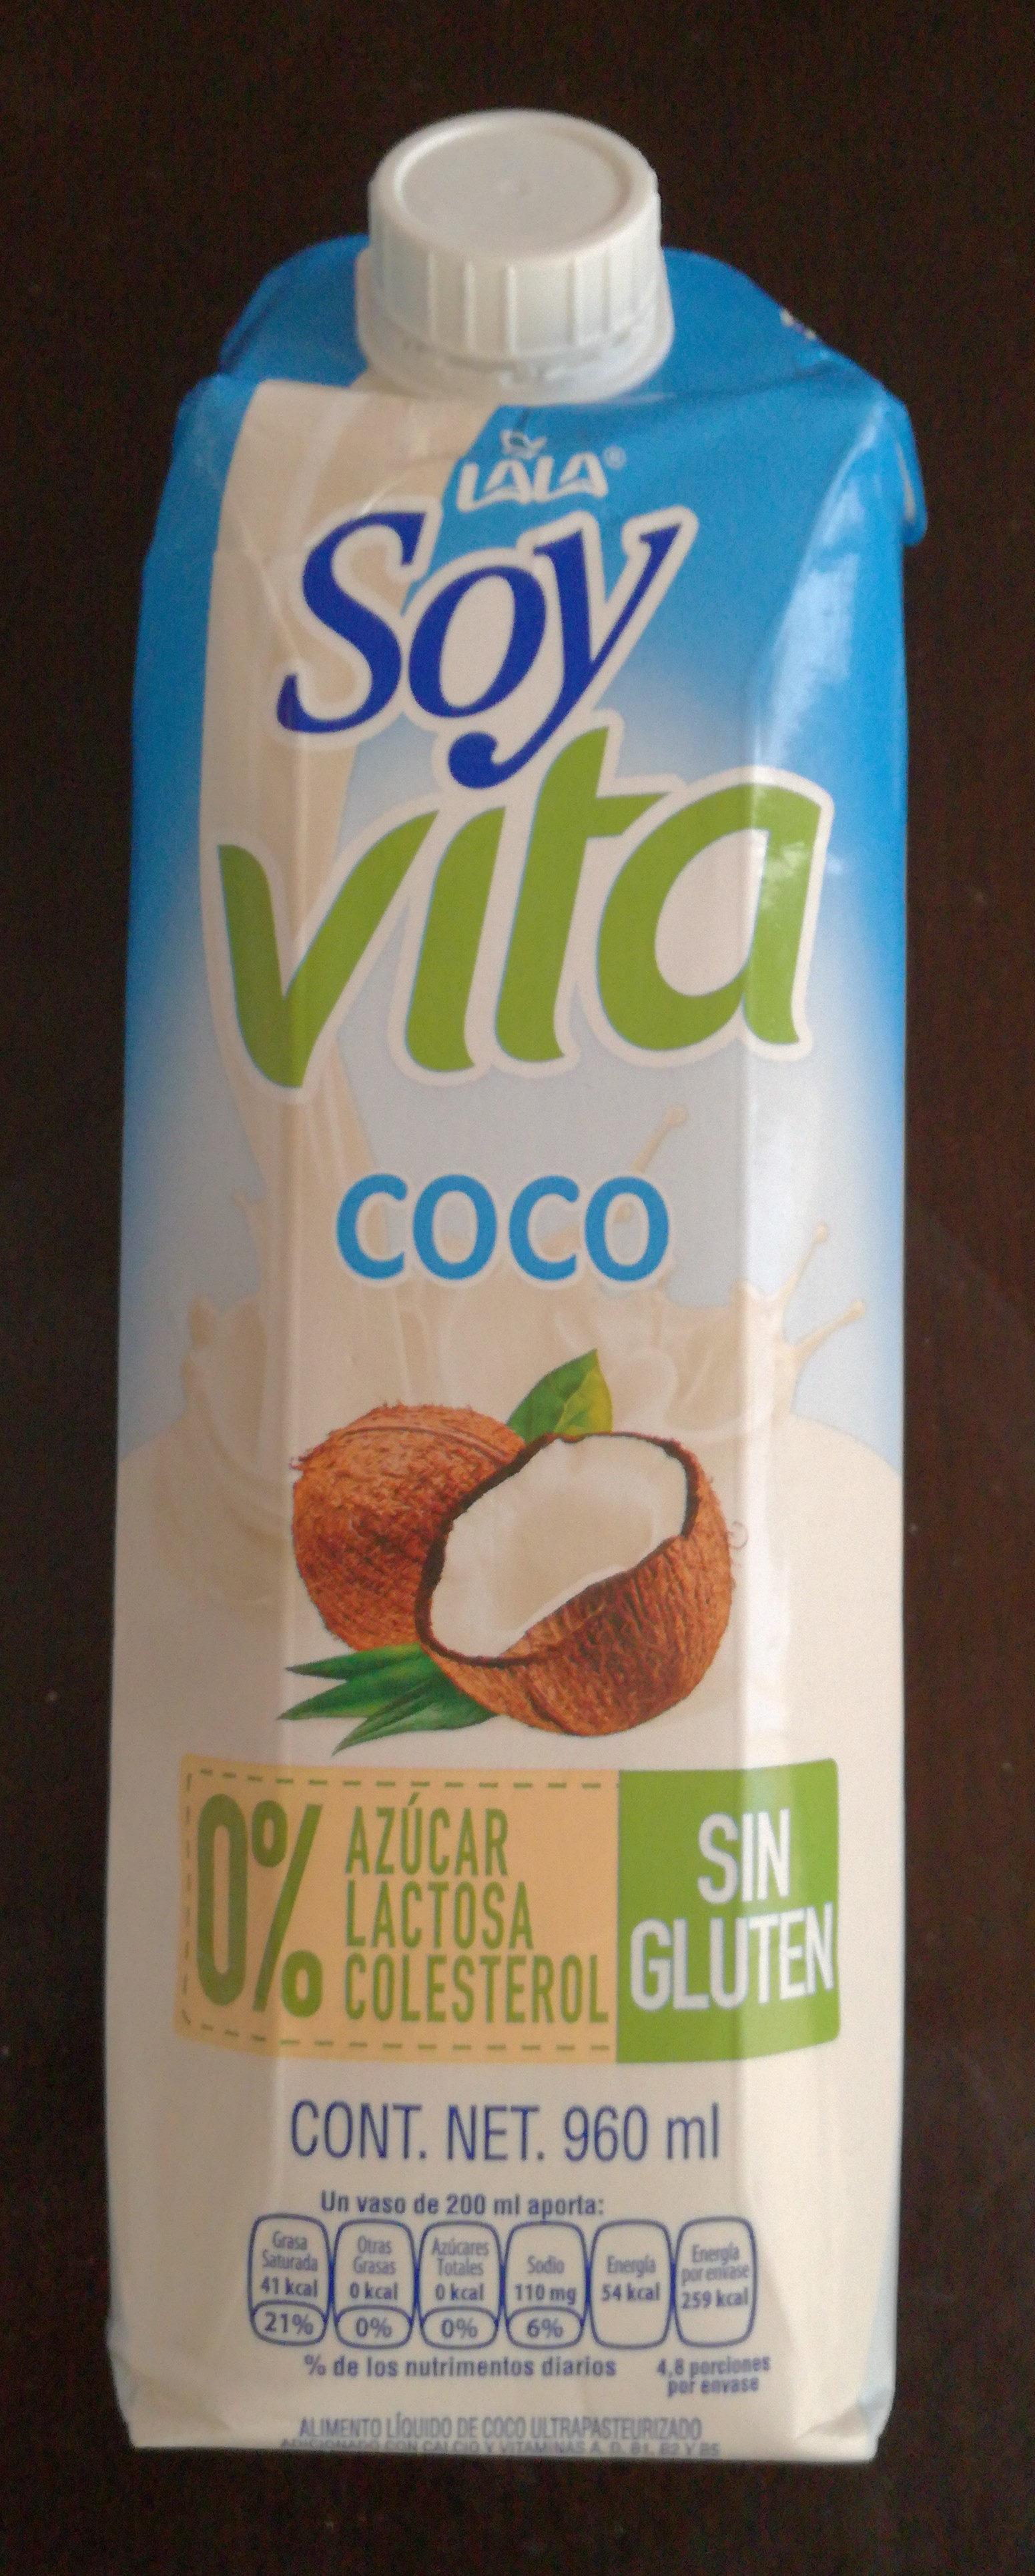 Soy vita coco - Product - es